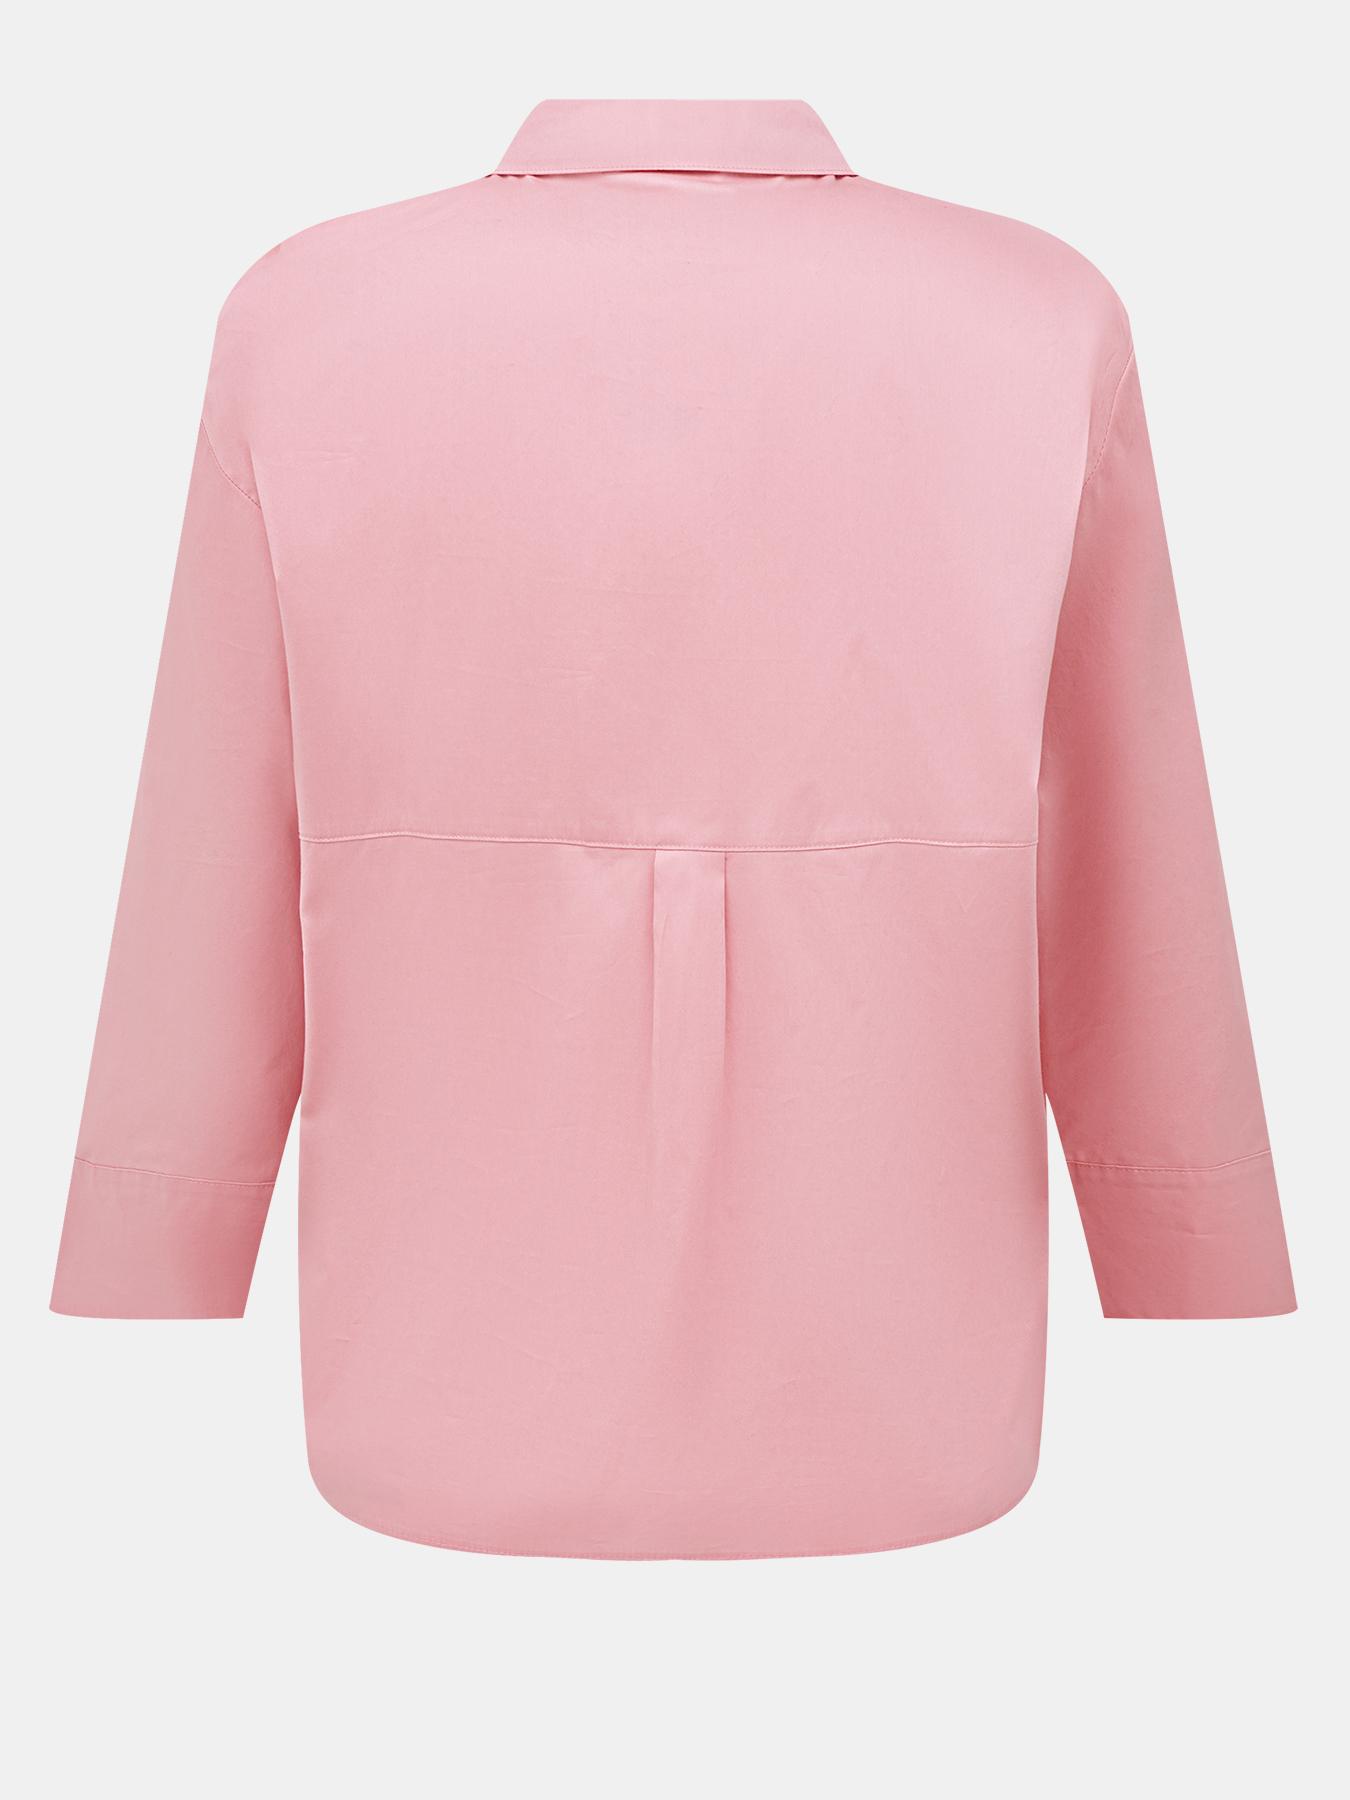 Блузка Gerry Weber Рубашка блузка gerry weber рубашка